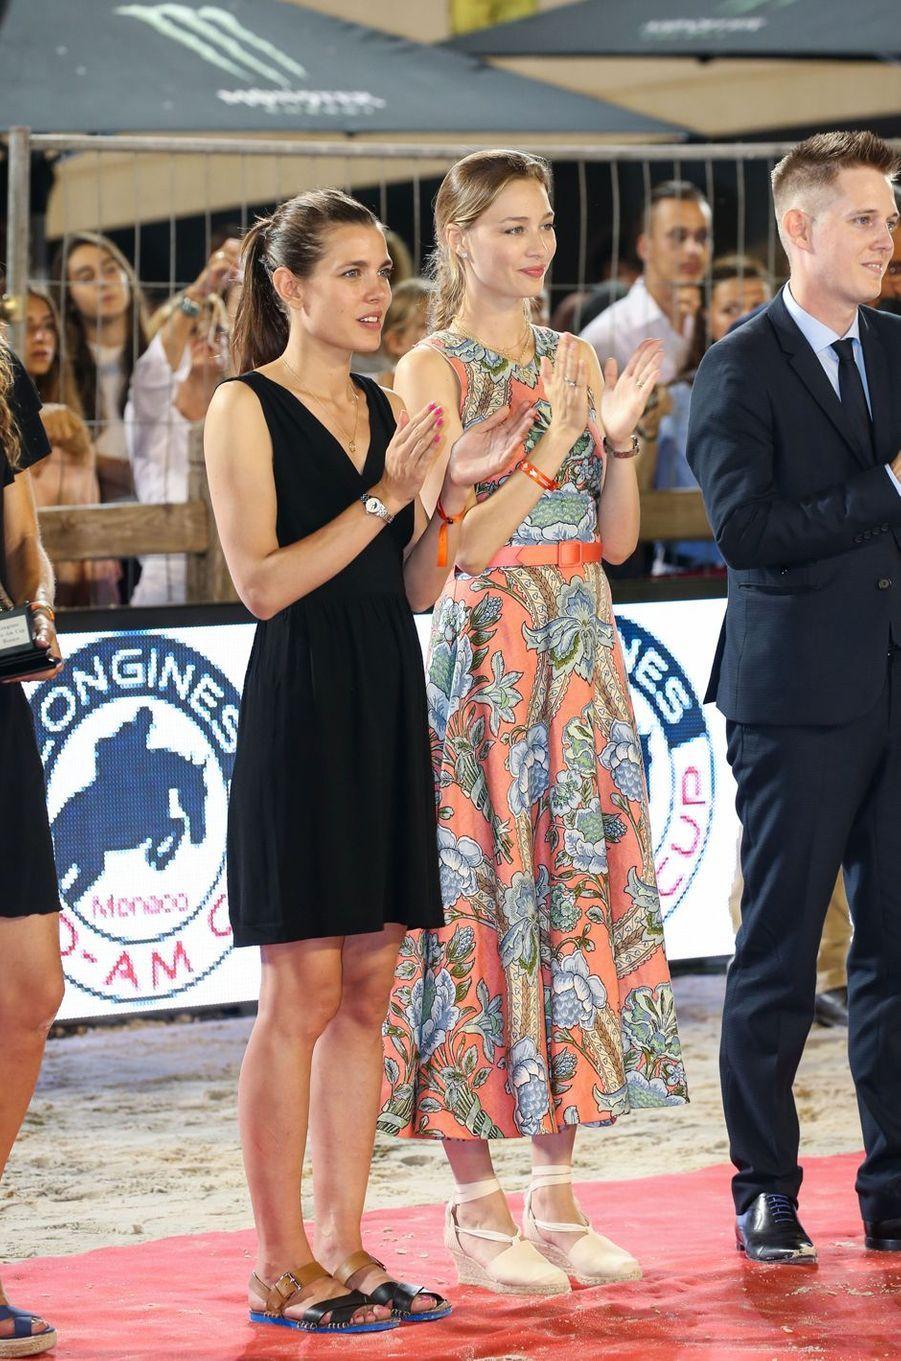 Charlotte Casiraghi et sa belle-soeur Beatrice Borromeo à Monaco, le 23 juin 2017